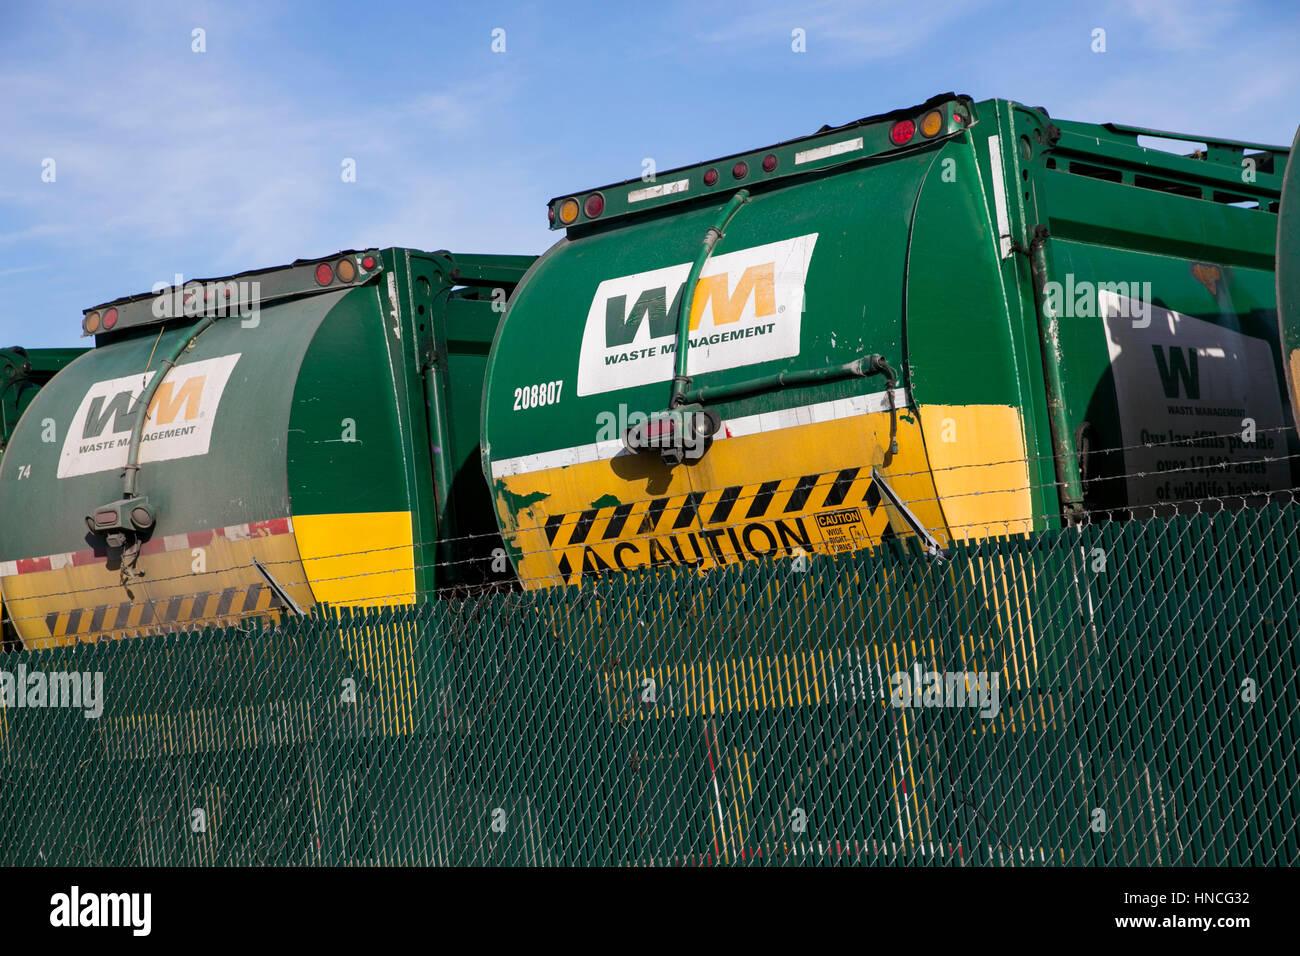 Carteles logo sobre la gestión de residuos, Inc., camiones en San Antonio, Texas, el 29 de enero de 2017. Imagen De Stock